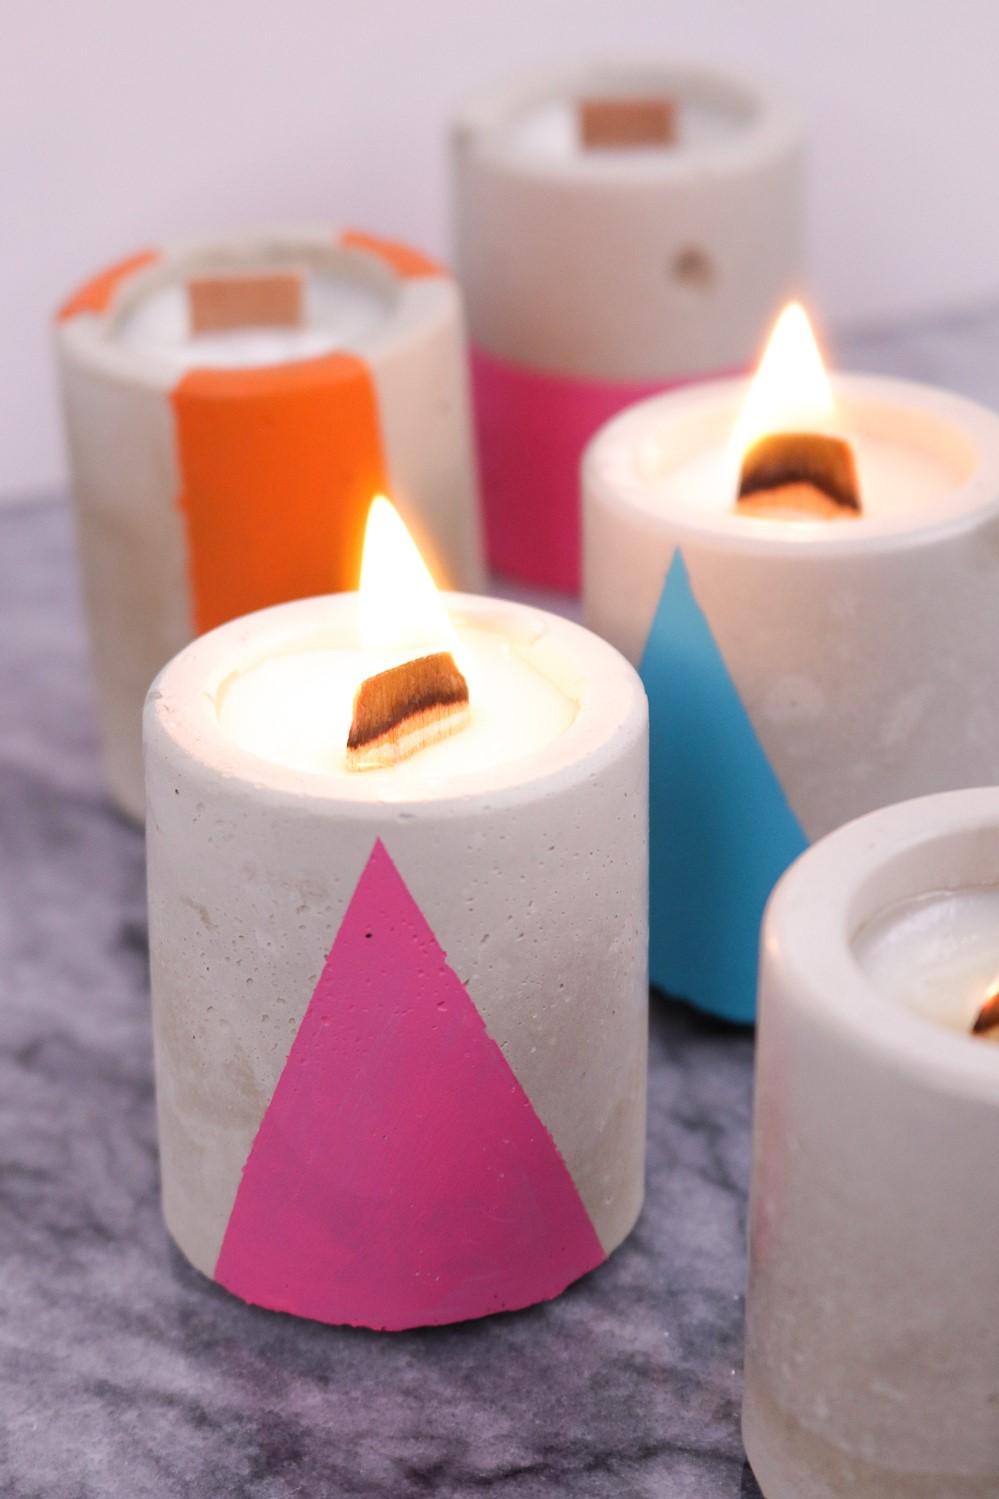 Bien que les bougies ne fournissent plus la principale source de lumière de l'homme, elles continuent de gagner en popularité et en utilisation.